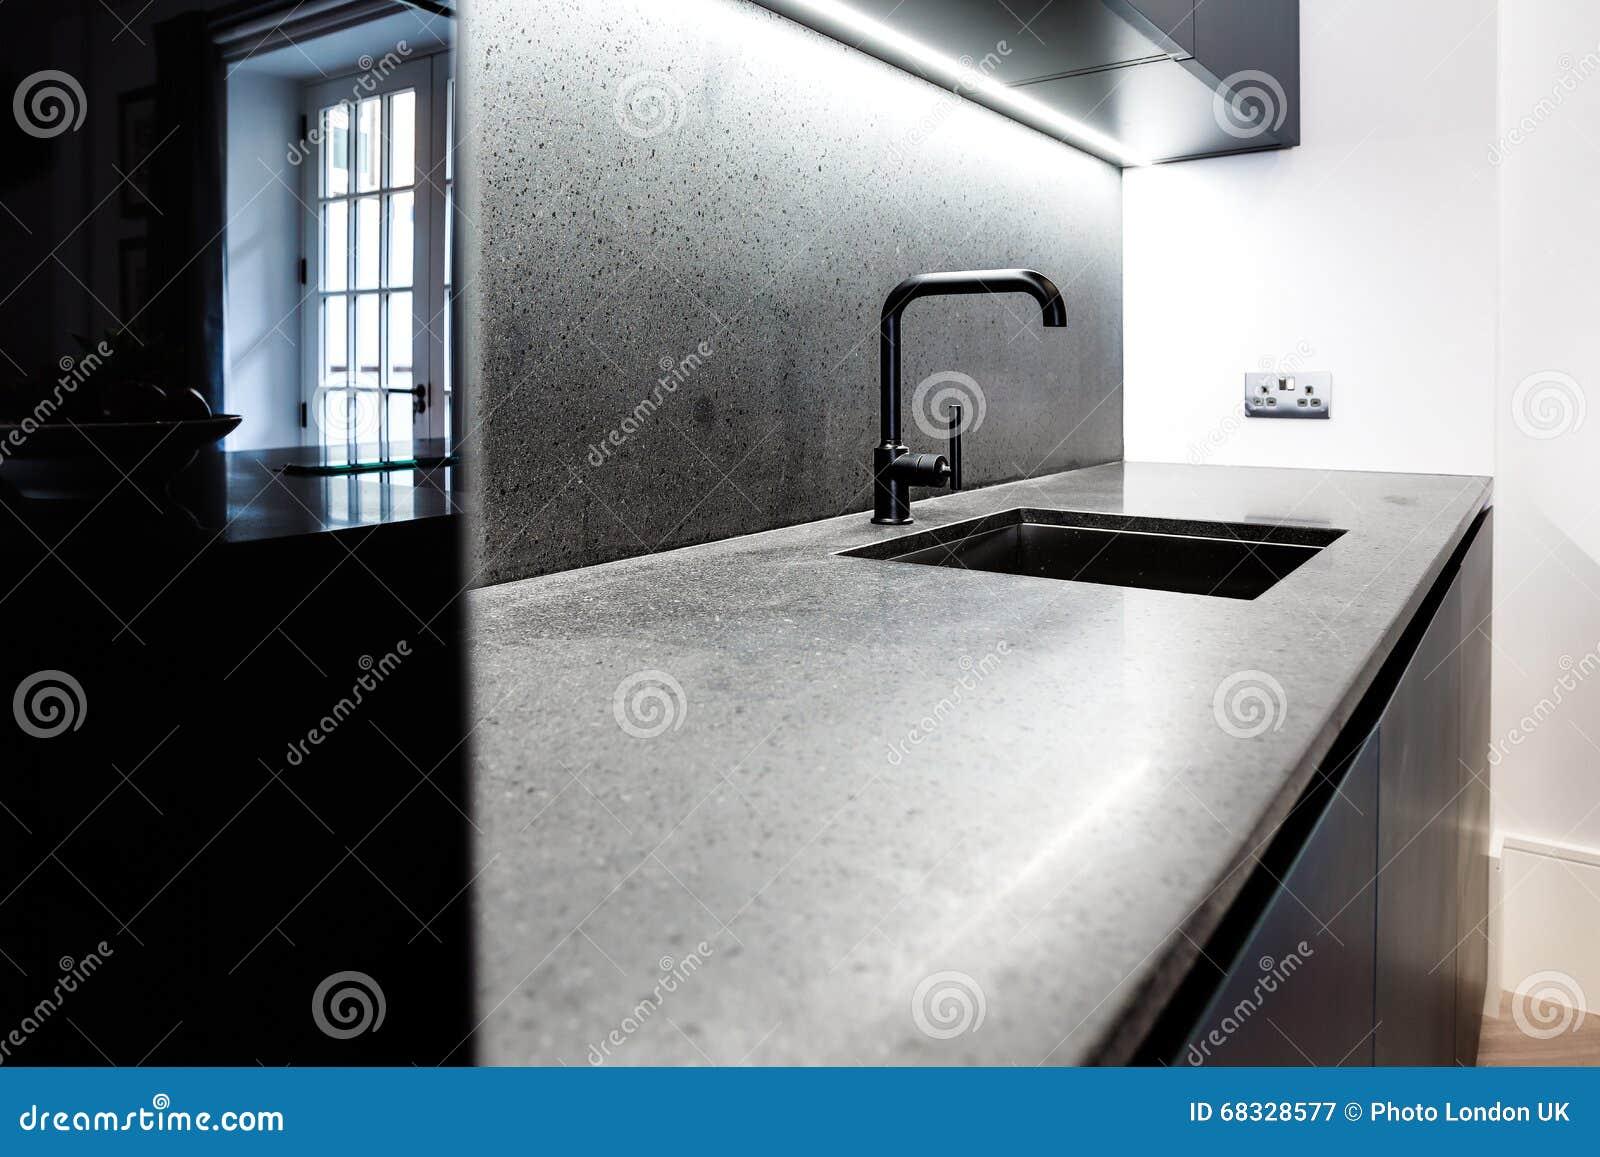 Moderne Kuchenarbeitsplatte Und Hahn Stockbild Bild Von Zuhause